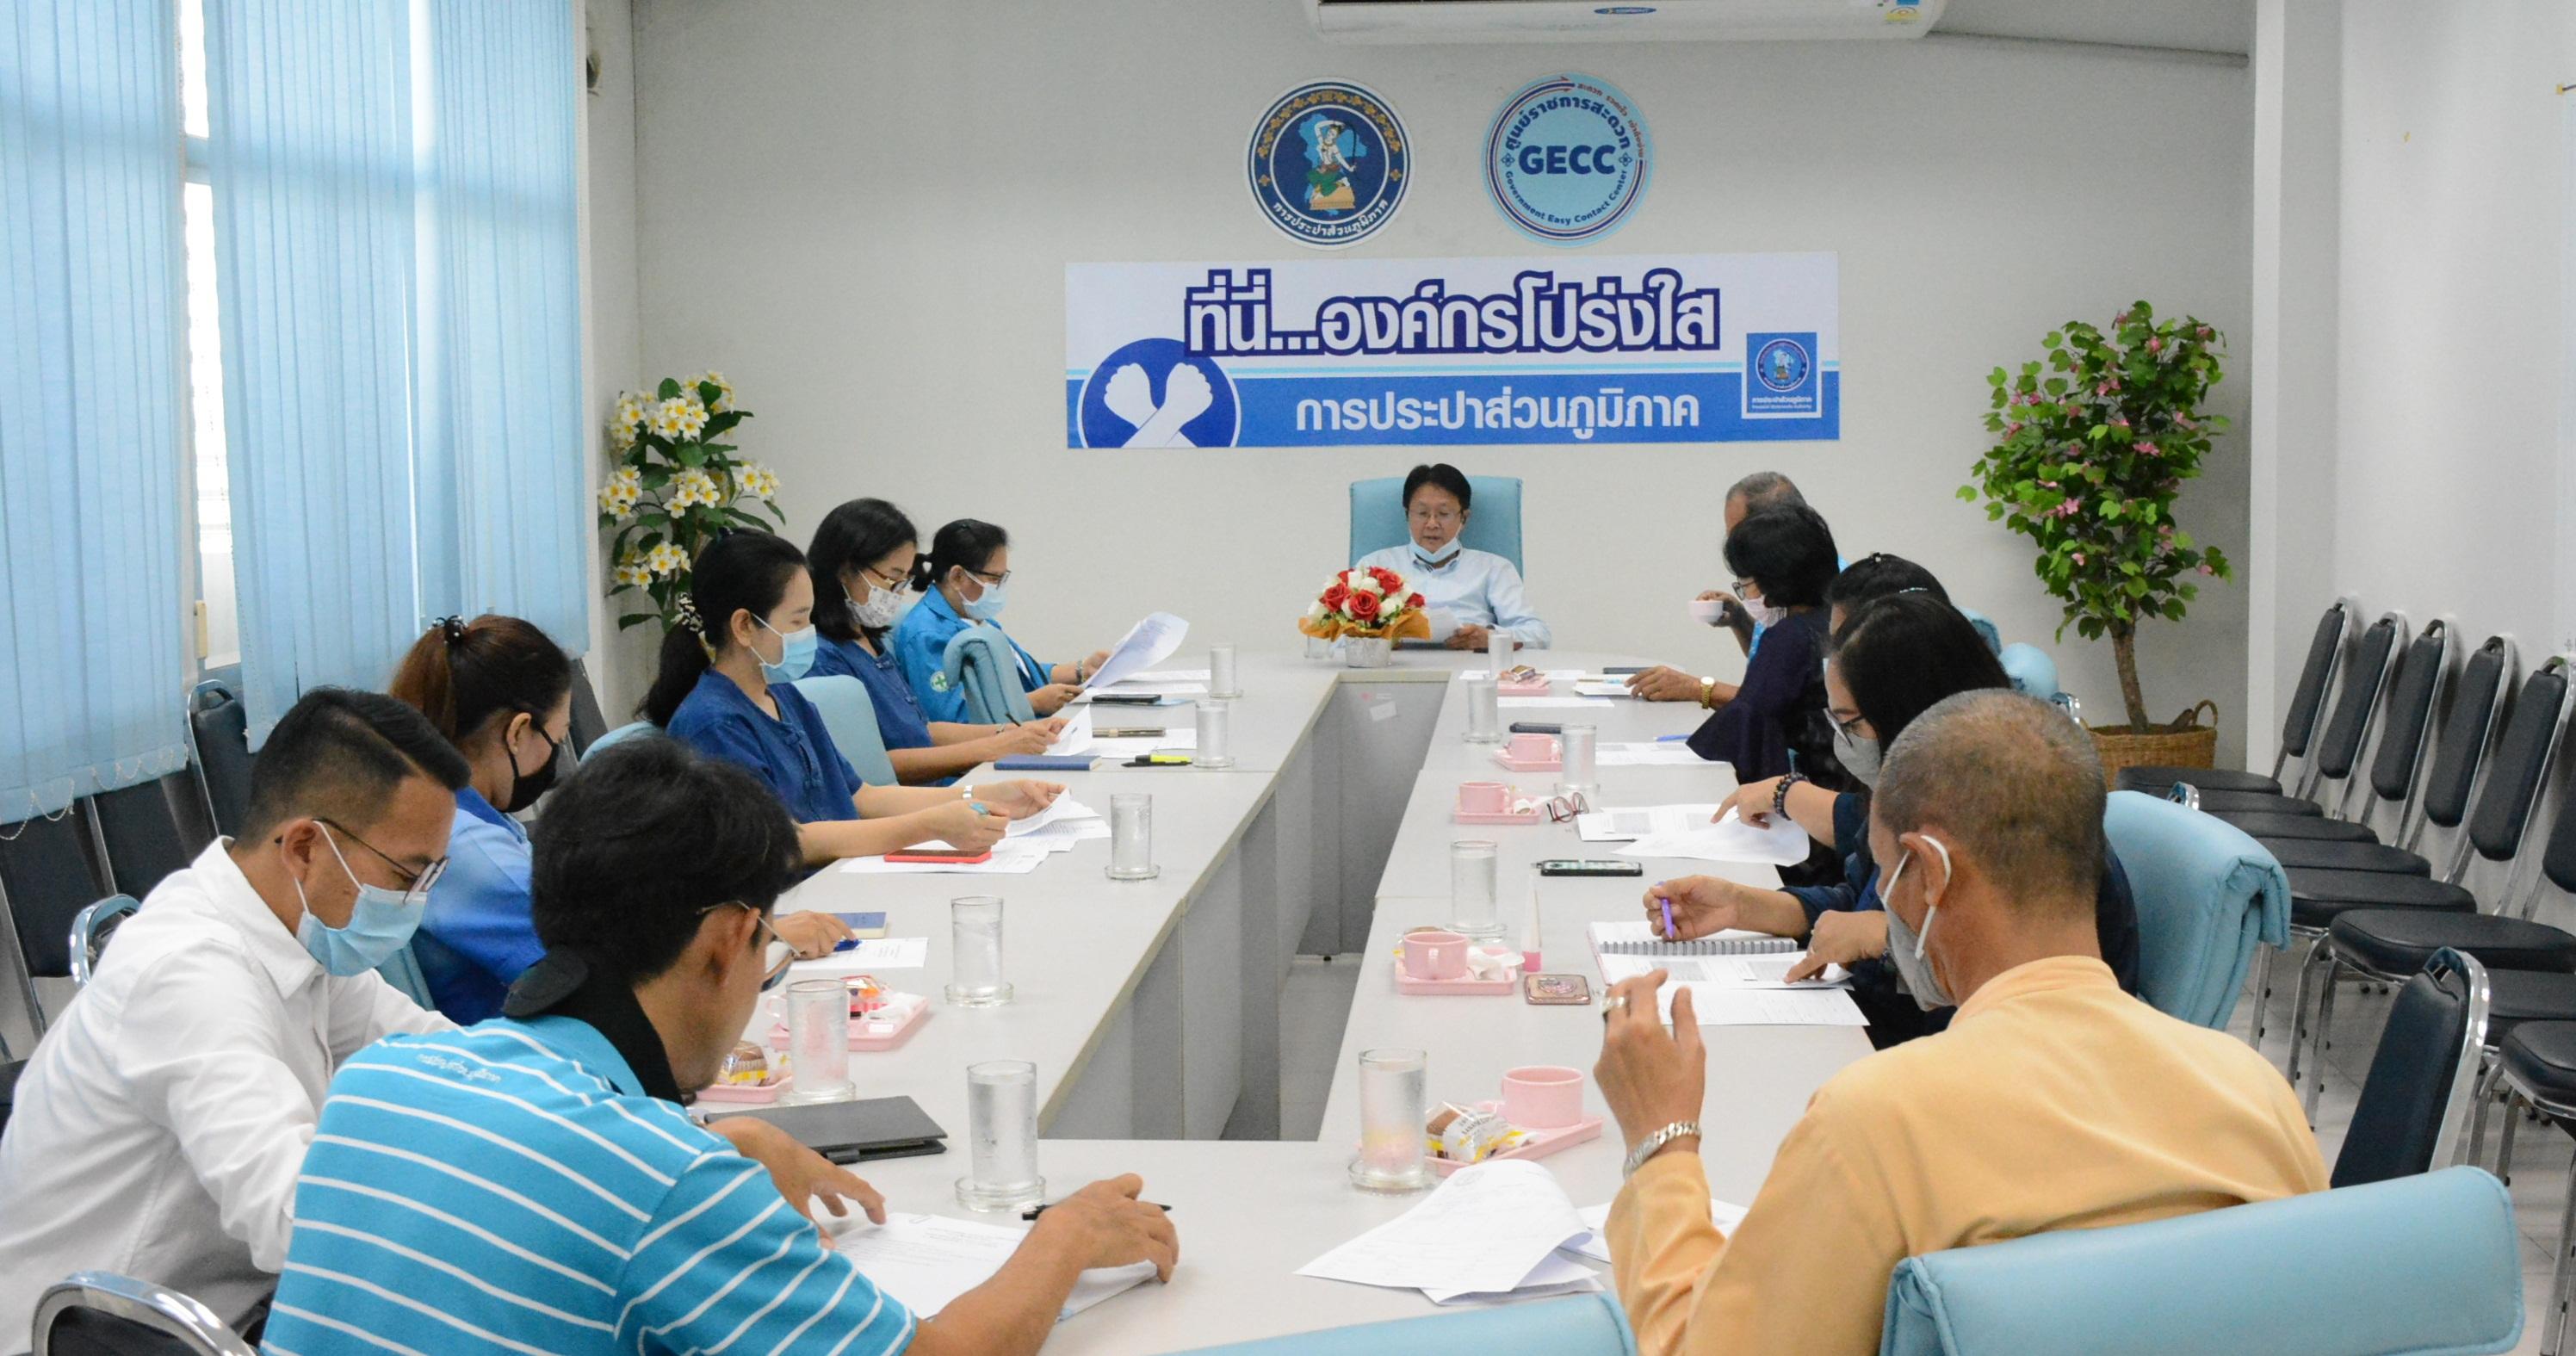 การประปาส่วนภูมิภาคสาขารังสิต (ชั้นพิเศษ) จัดประชุมหัวหน้างานและตัวแทนพนักงาน โครงการ (Morning Talk) ประจำเดือนมีนาคม 2563